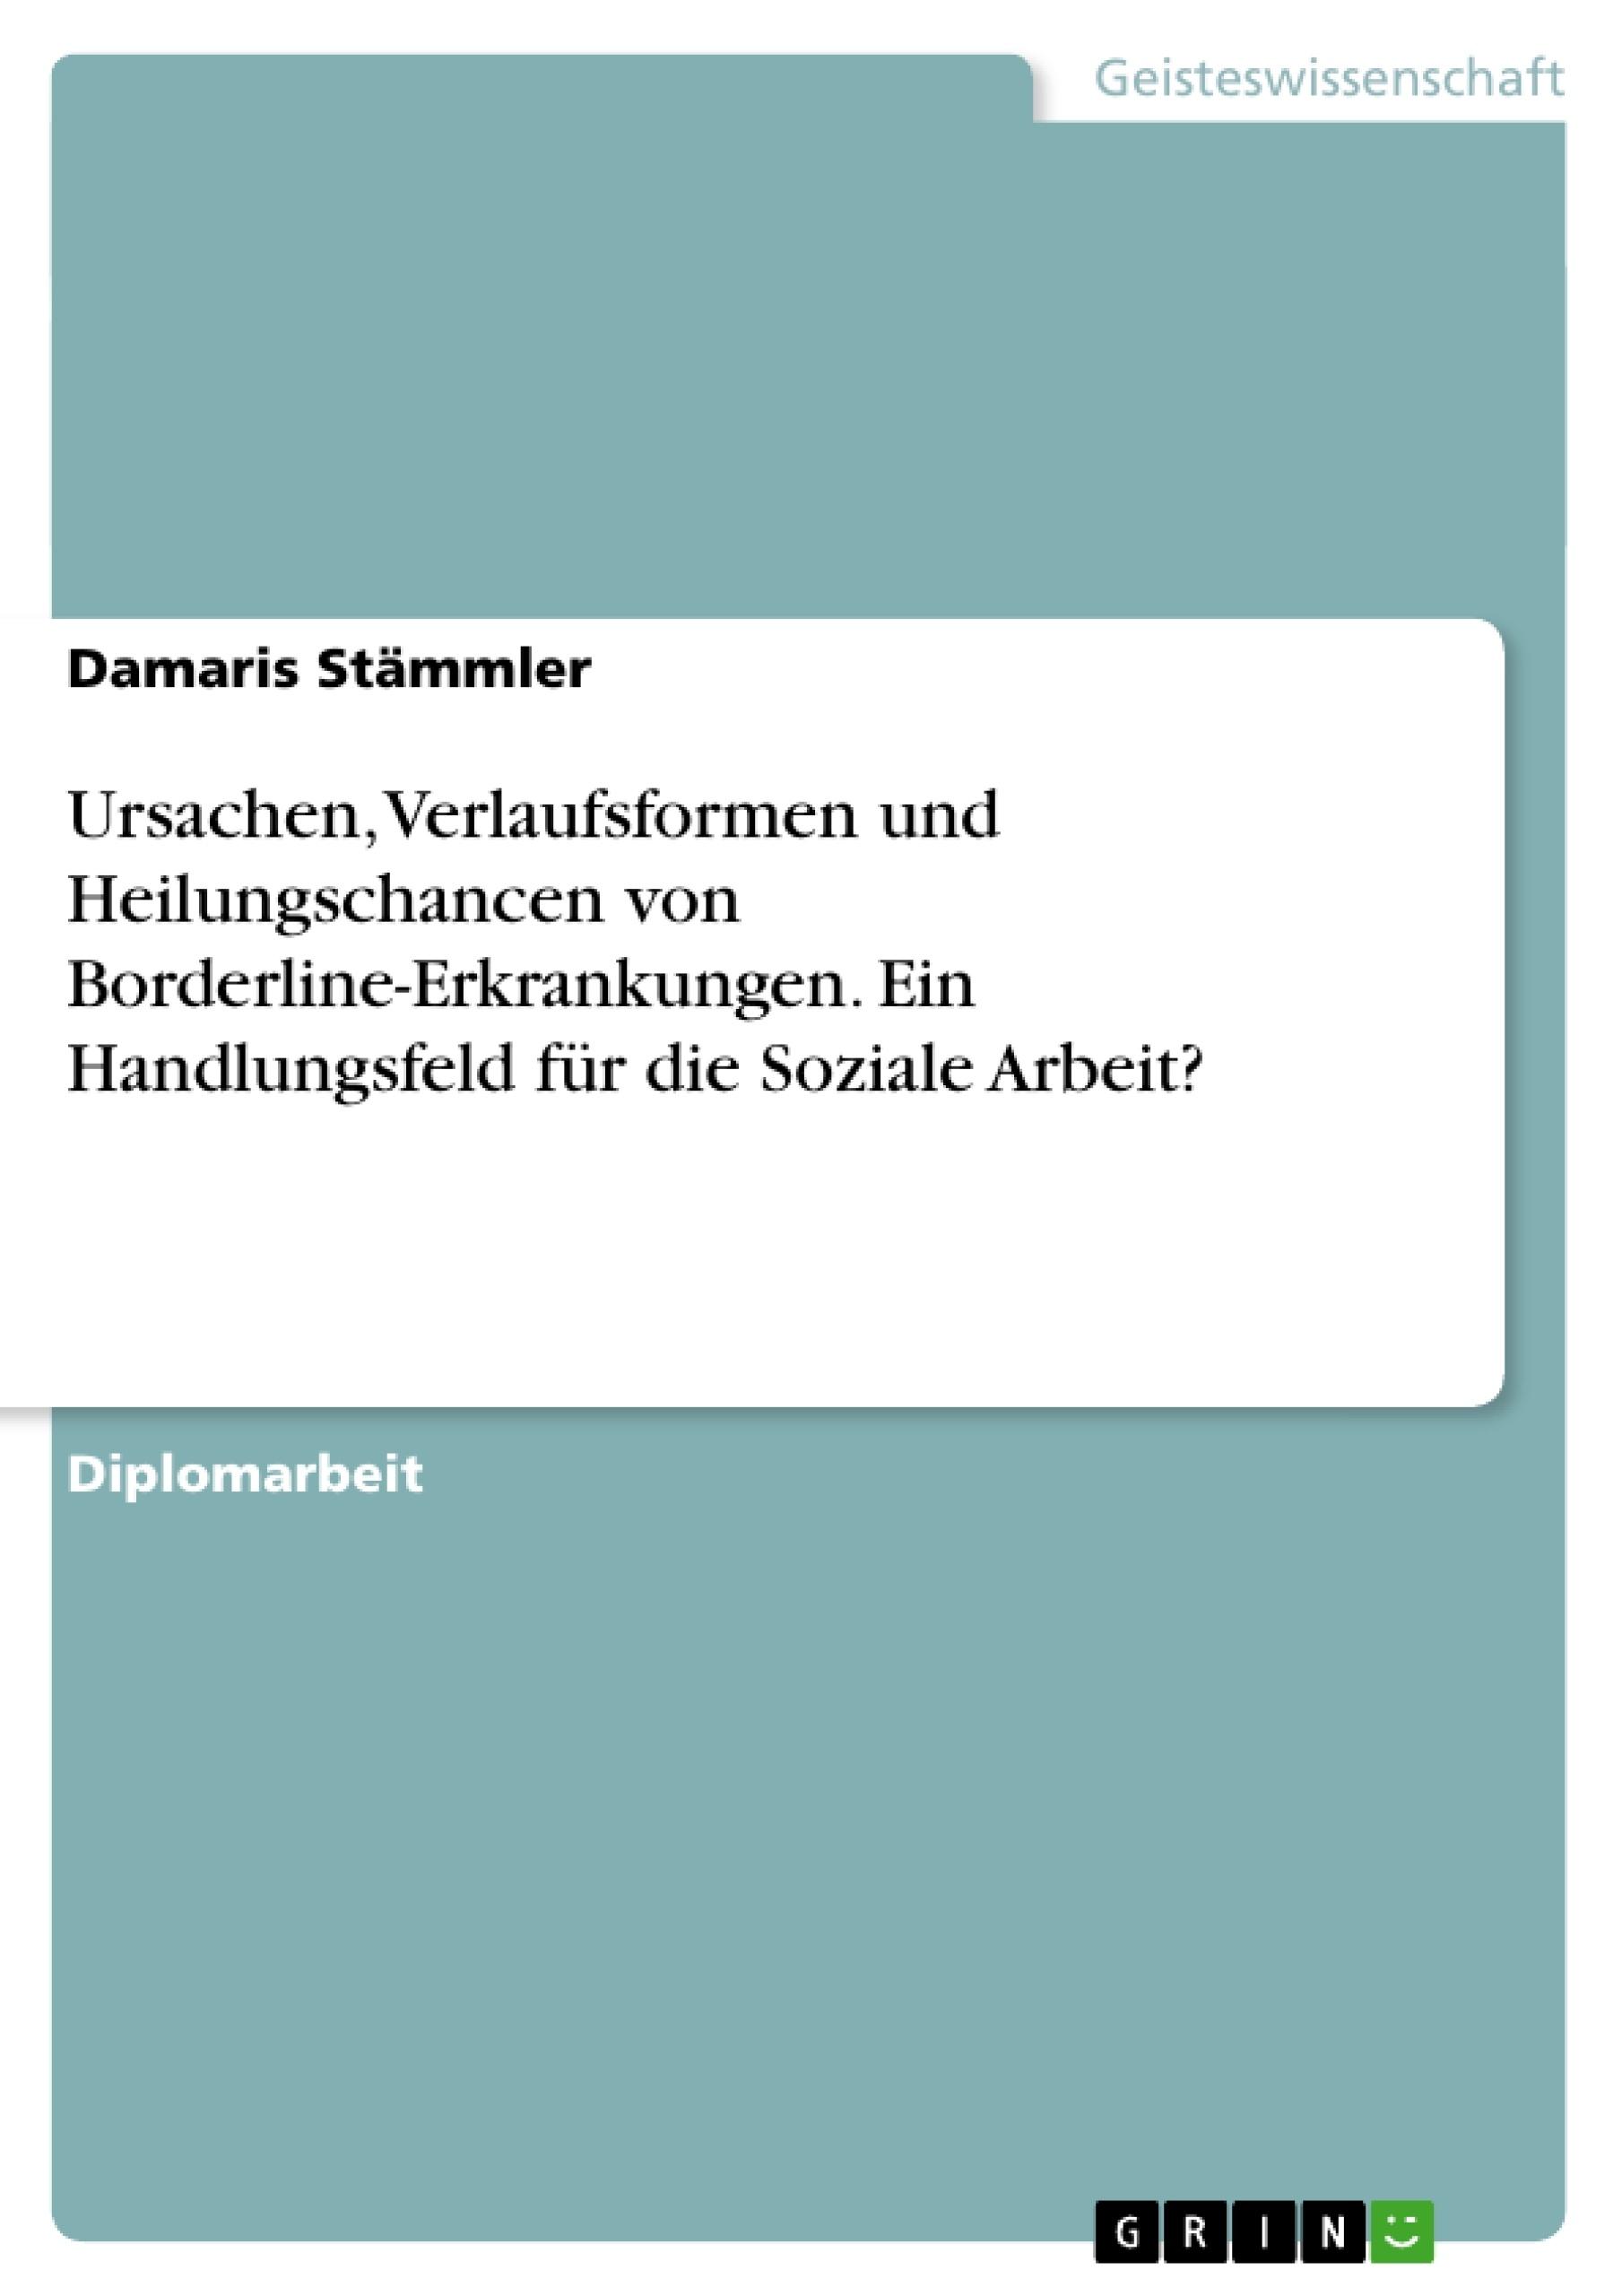 Titel: Ursachen, Verlaufsformen und Heilungschancen von Borderline-Erkrankungen. Ein Handlungsfeld für die Soziale Arbeit?